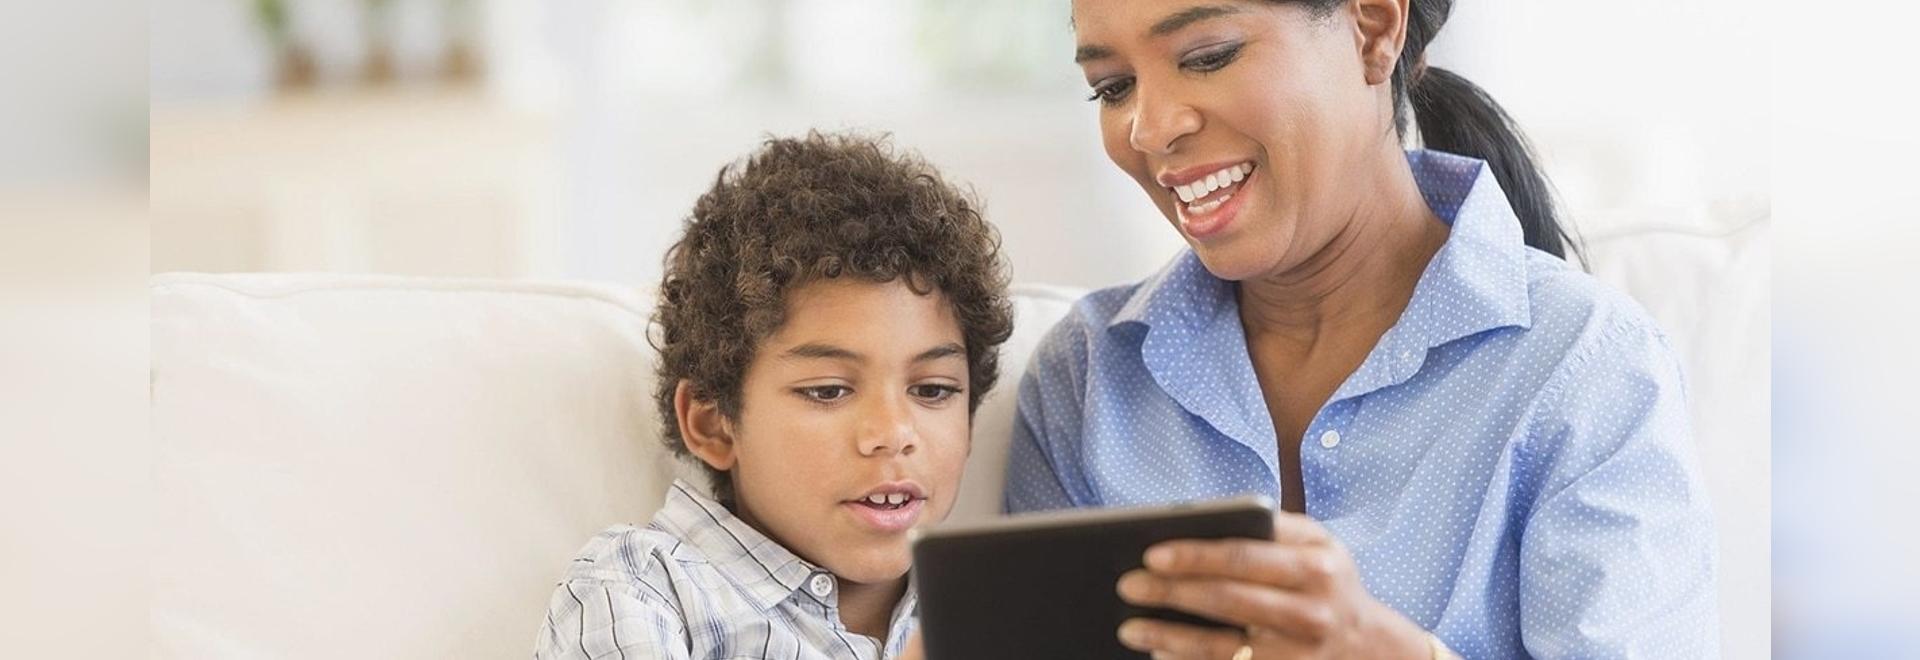 5 formas en que la telesalud está democratizando el acceso a la sanidad